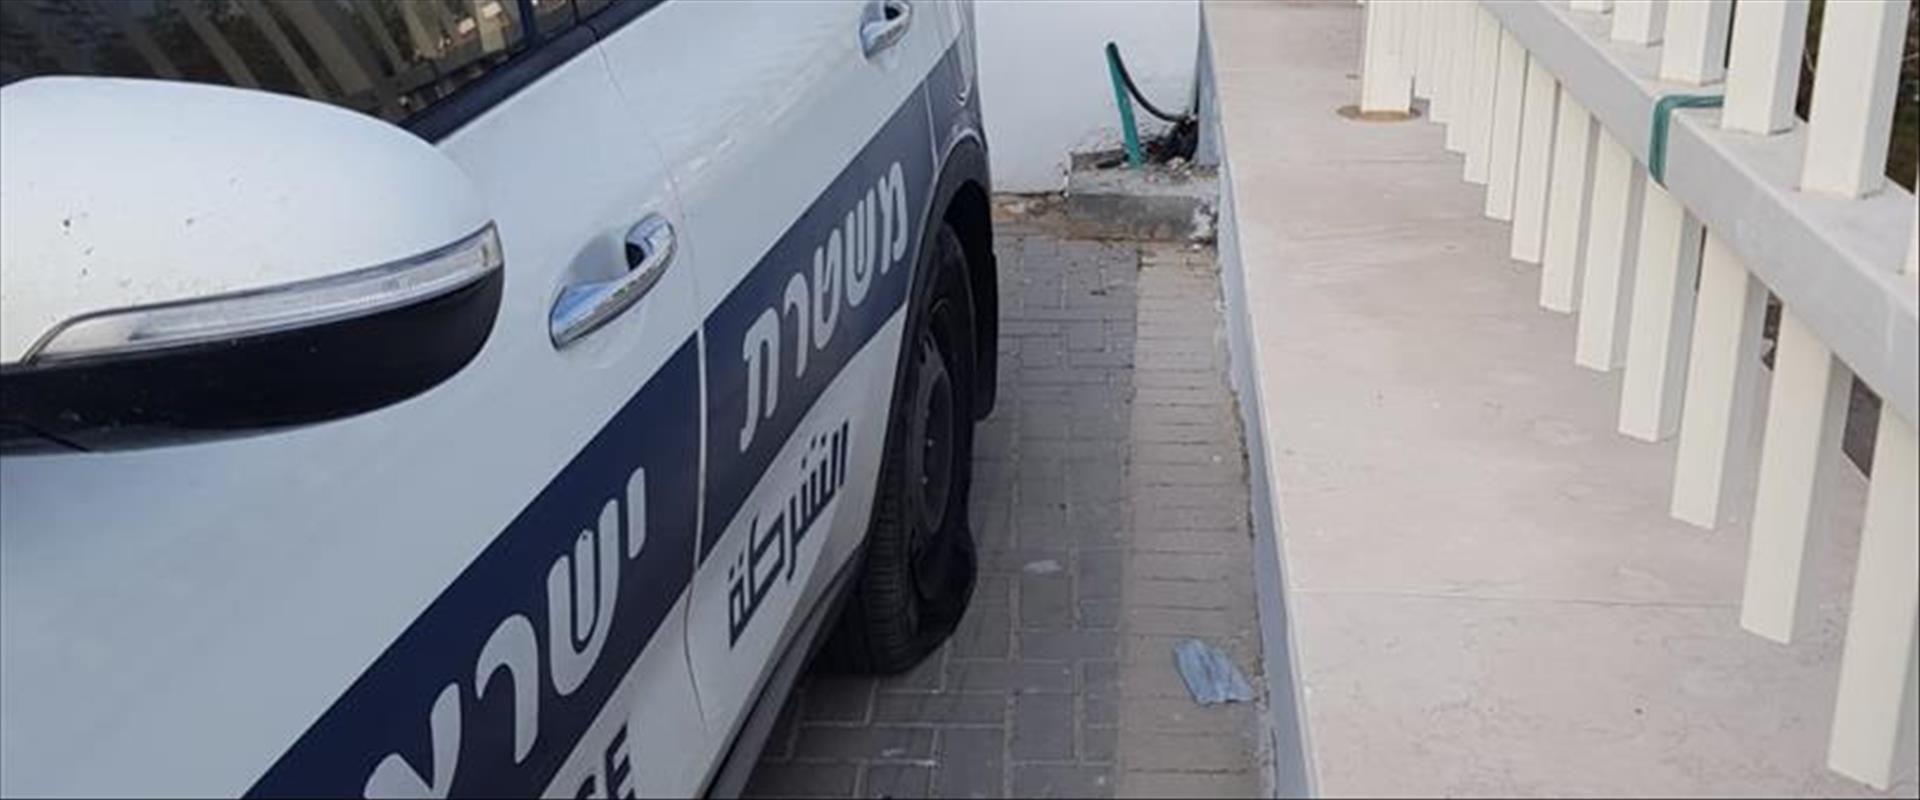 רכב משטרה שהושחת ביצהר